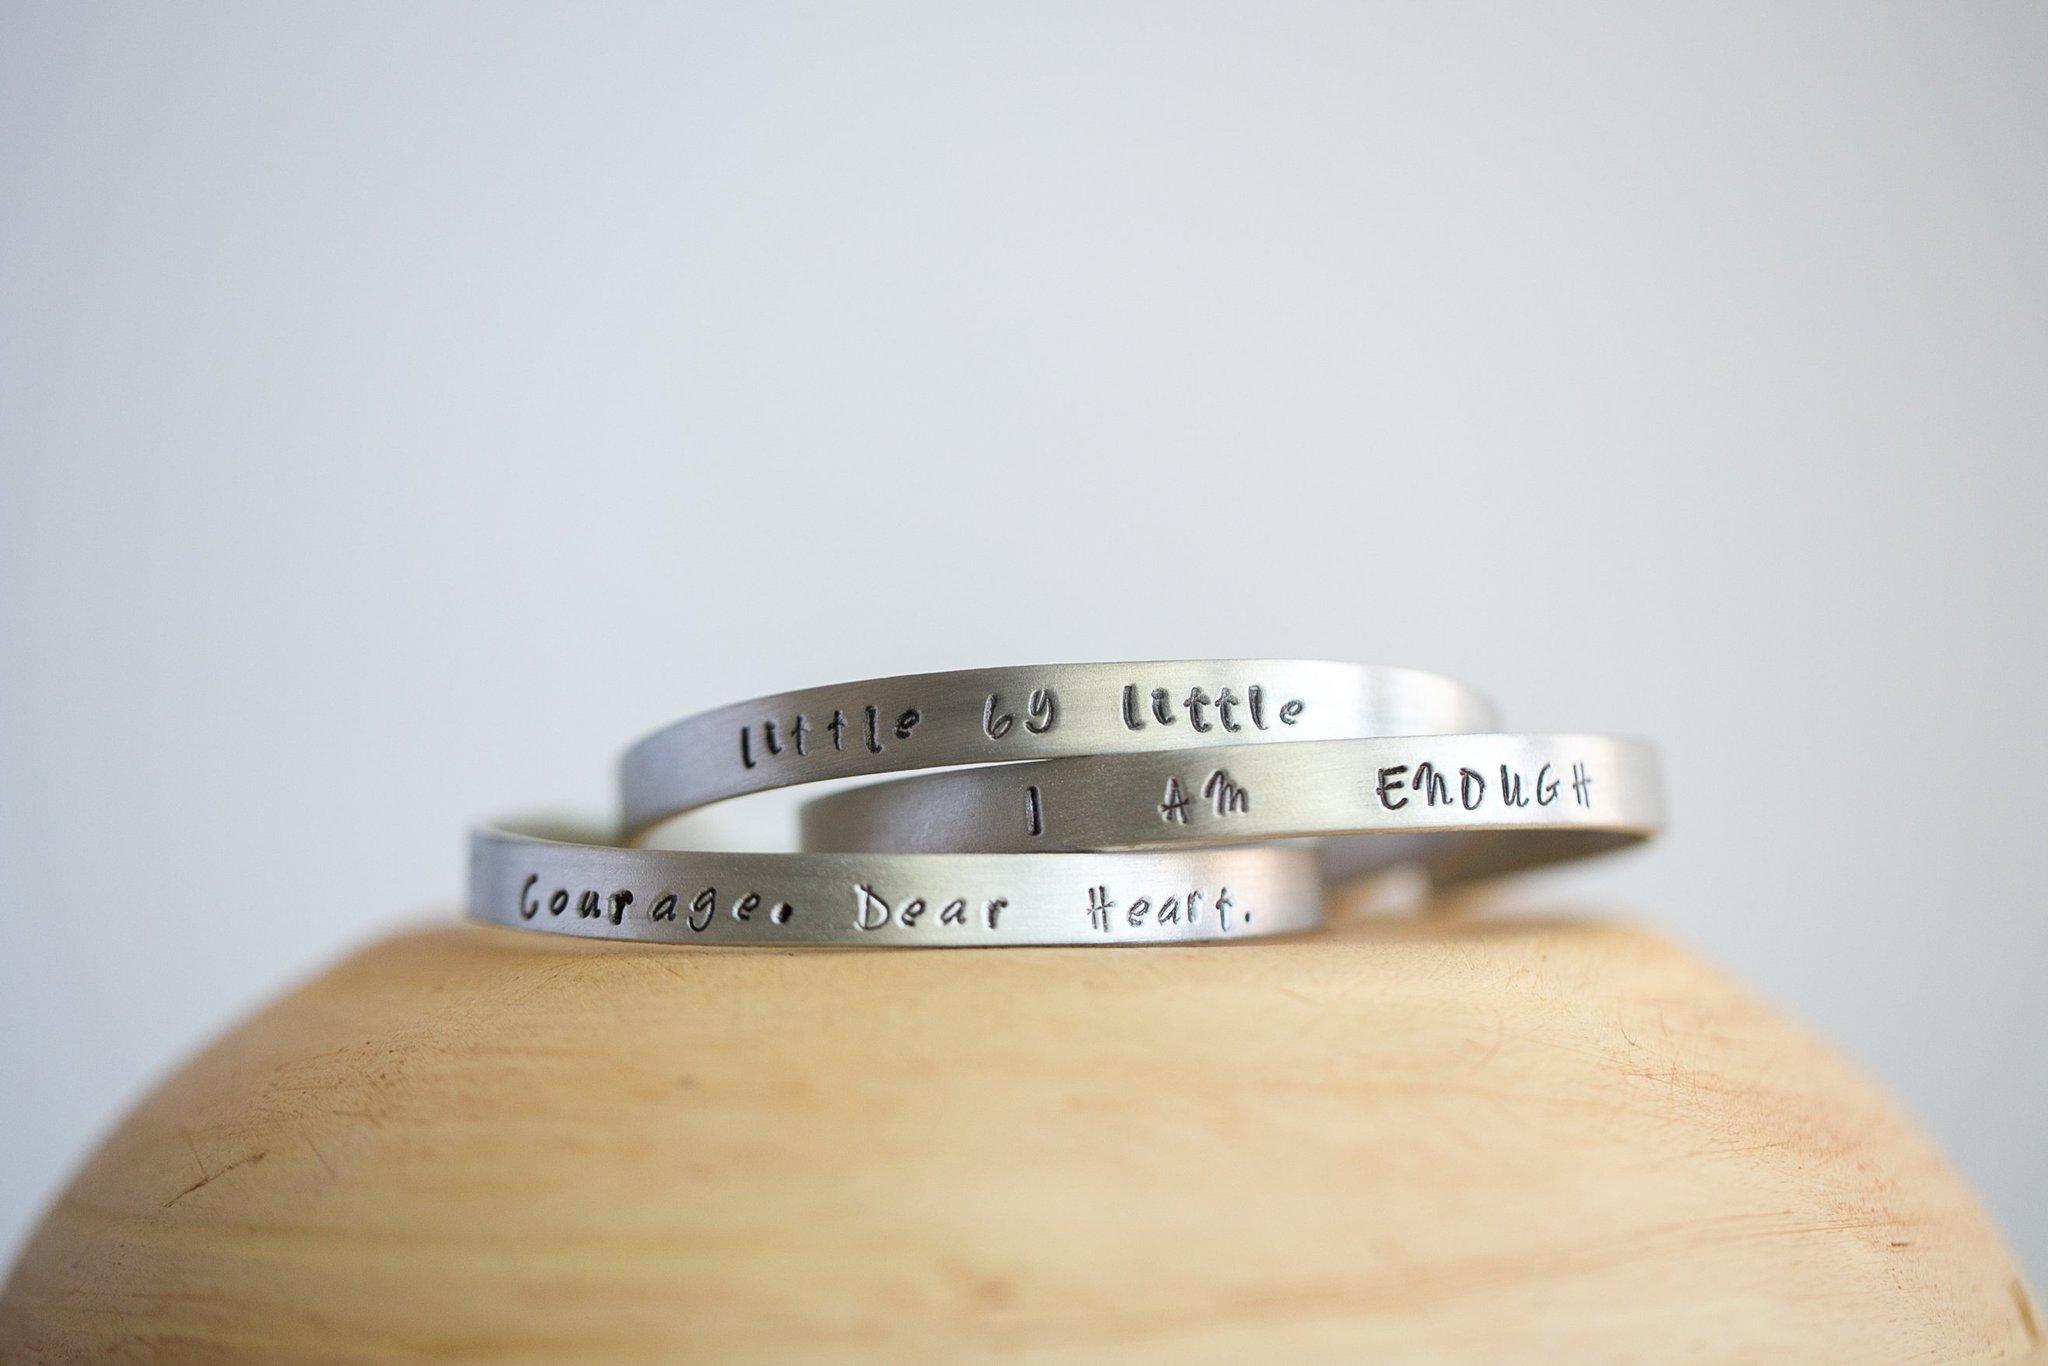 courage dear heart cuff bracelet